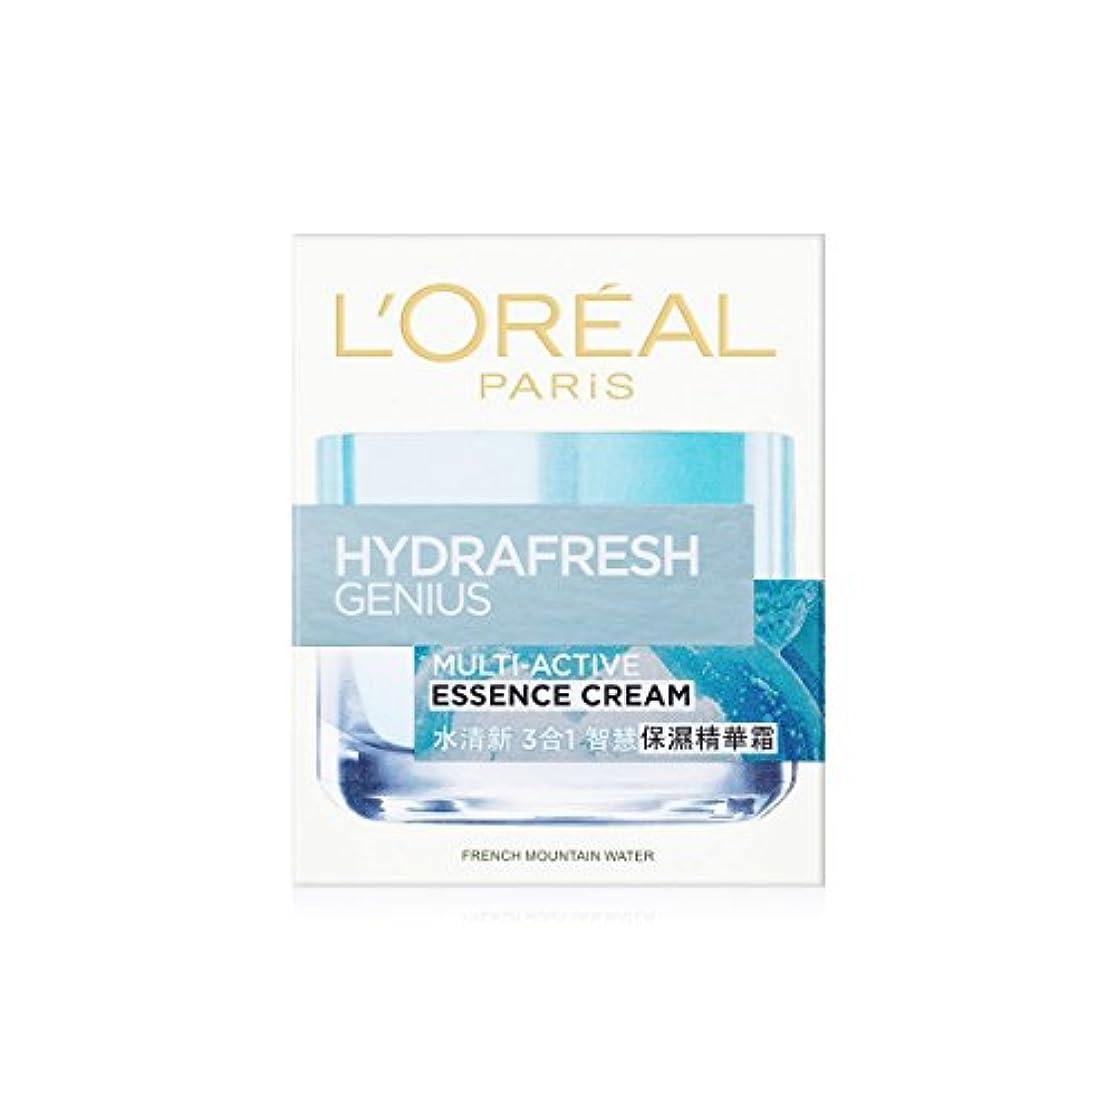 ハリウッドノミネート追い越すロレアル Hydrafresh Genius Multi-Active Essence Cream 50ml/1.7oz並行輸入品